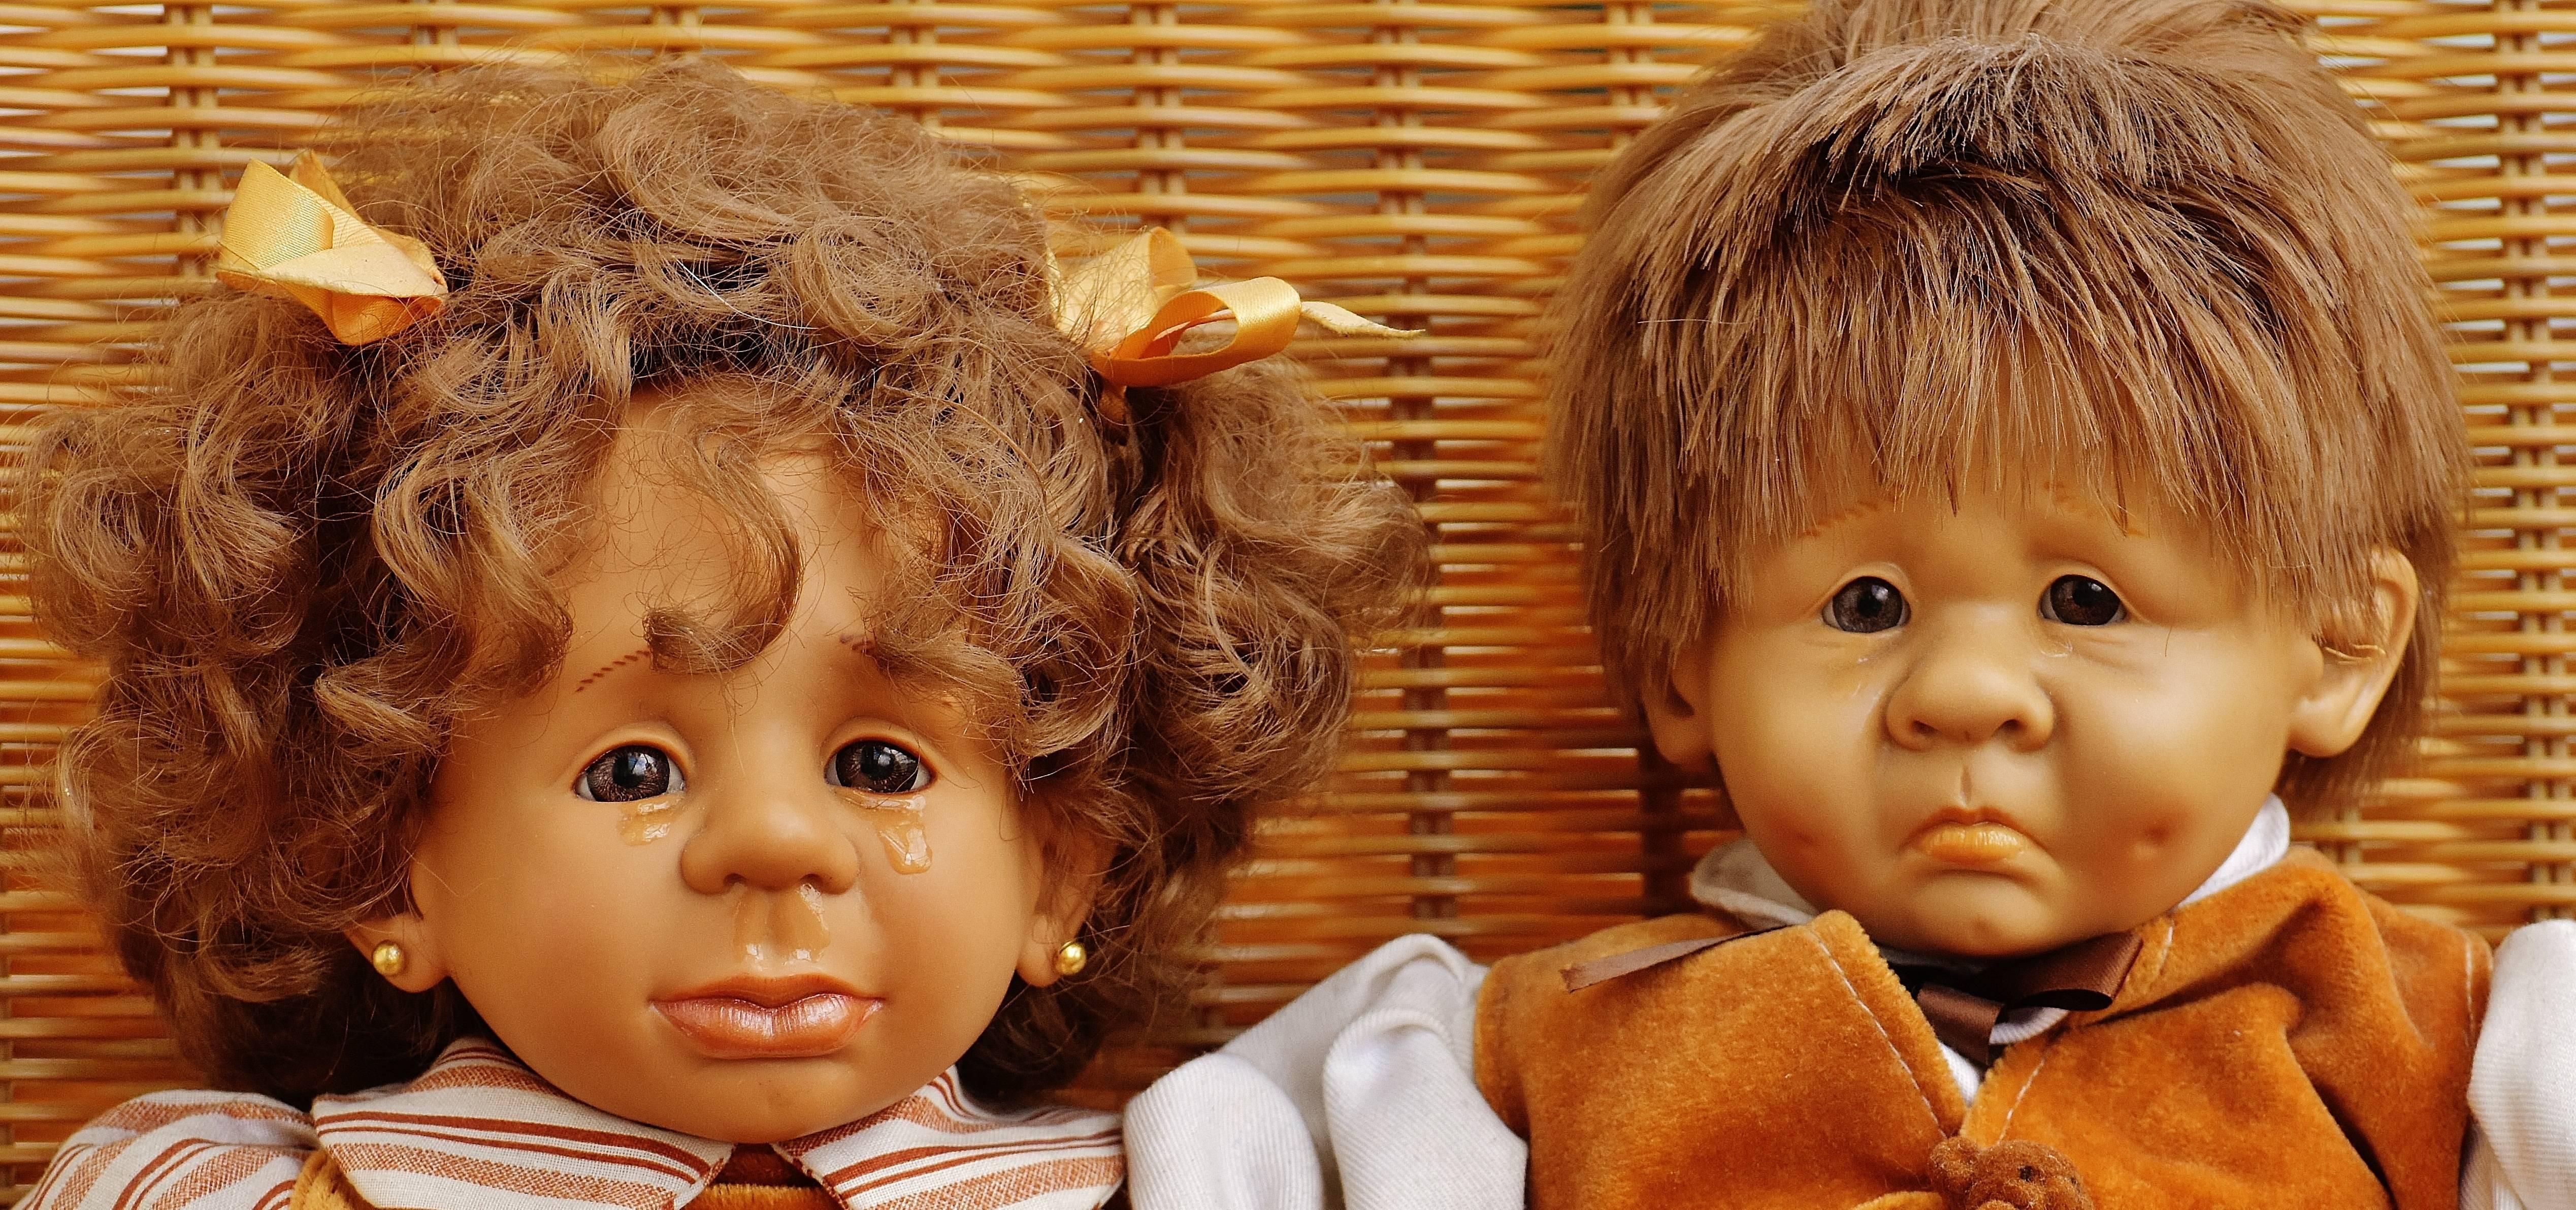 Ребенок требует купить игрушку. детская истерика